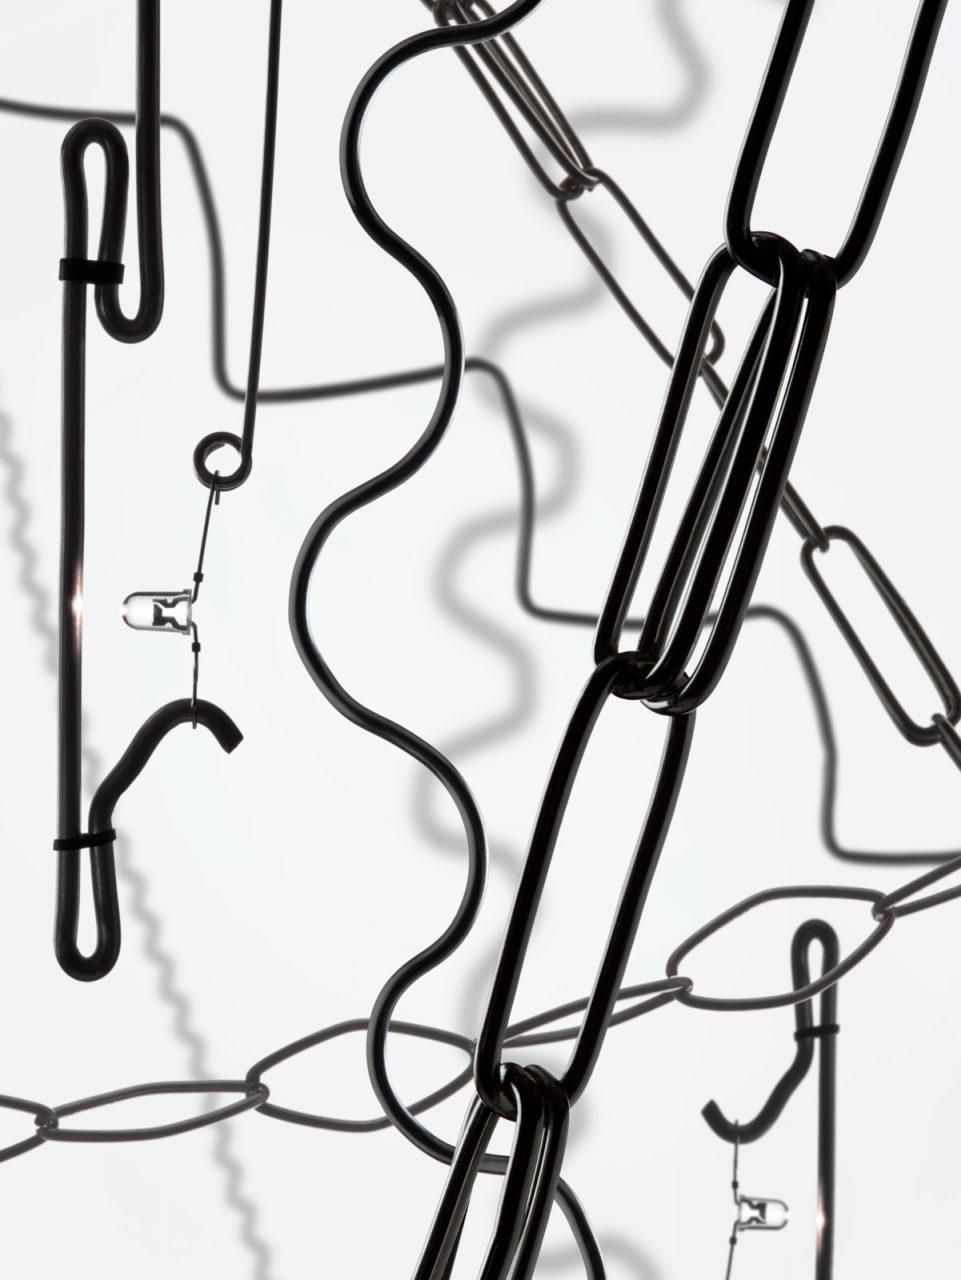 Product - VANTOT - Design Studio - Interior design - Envisions - Silvermuseum